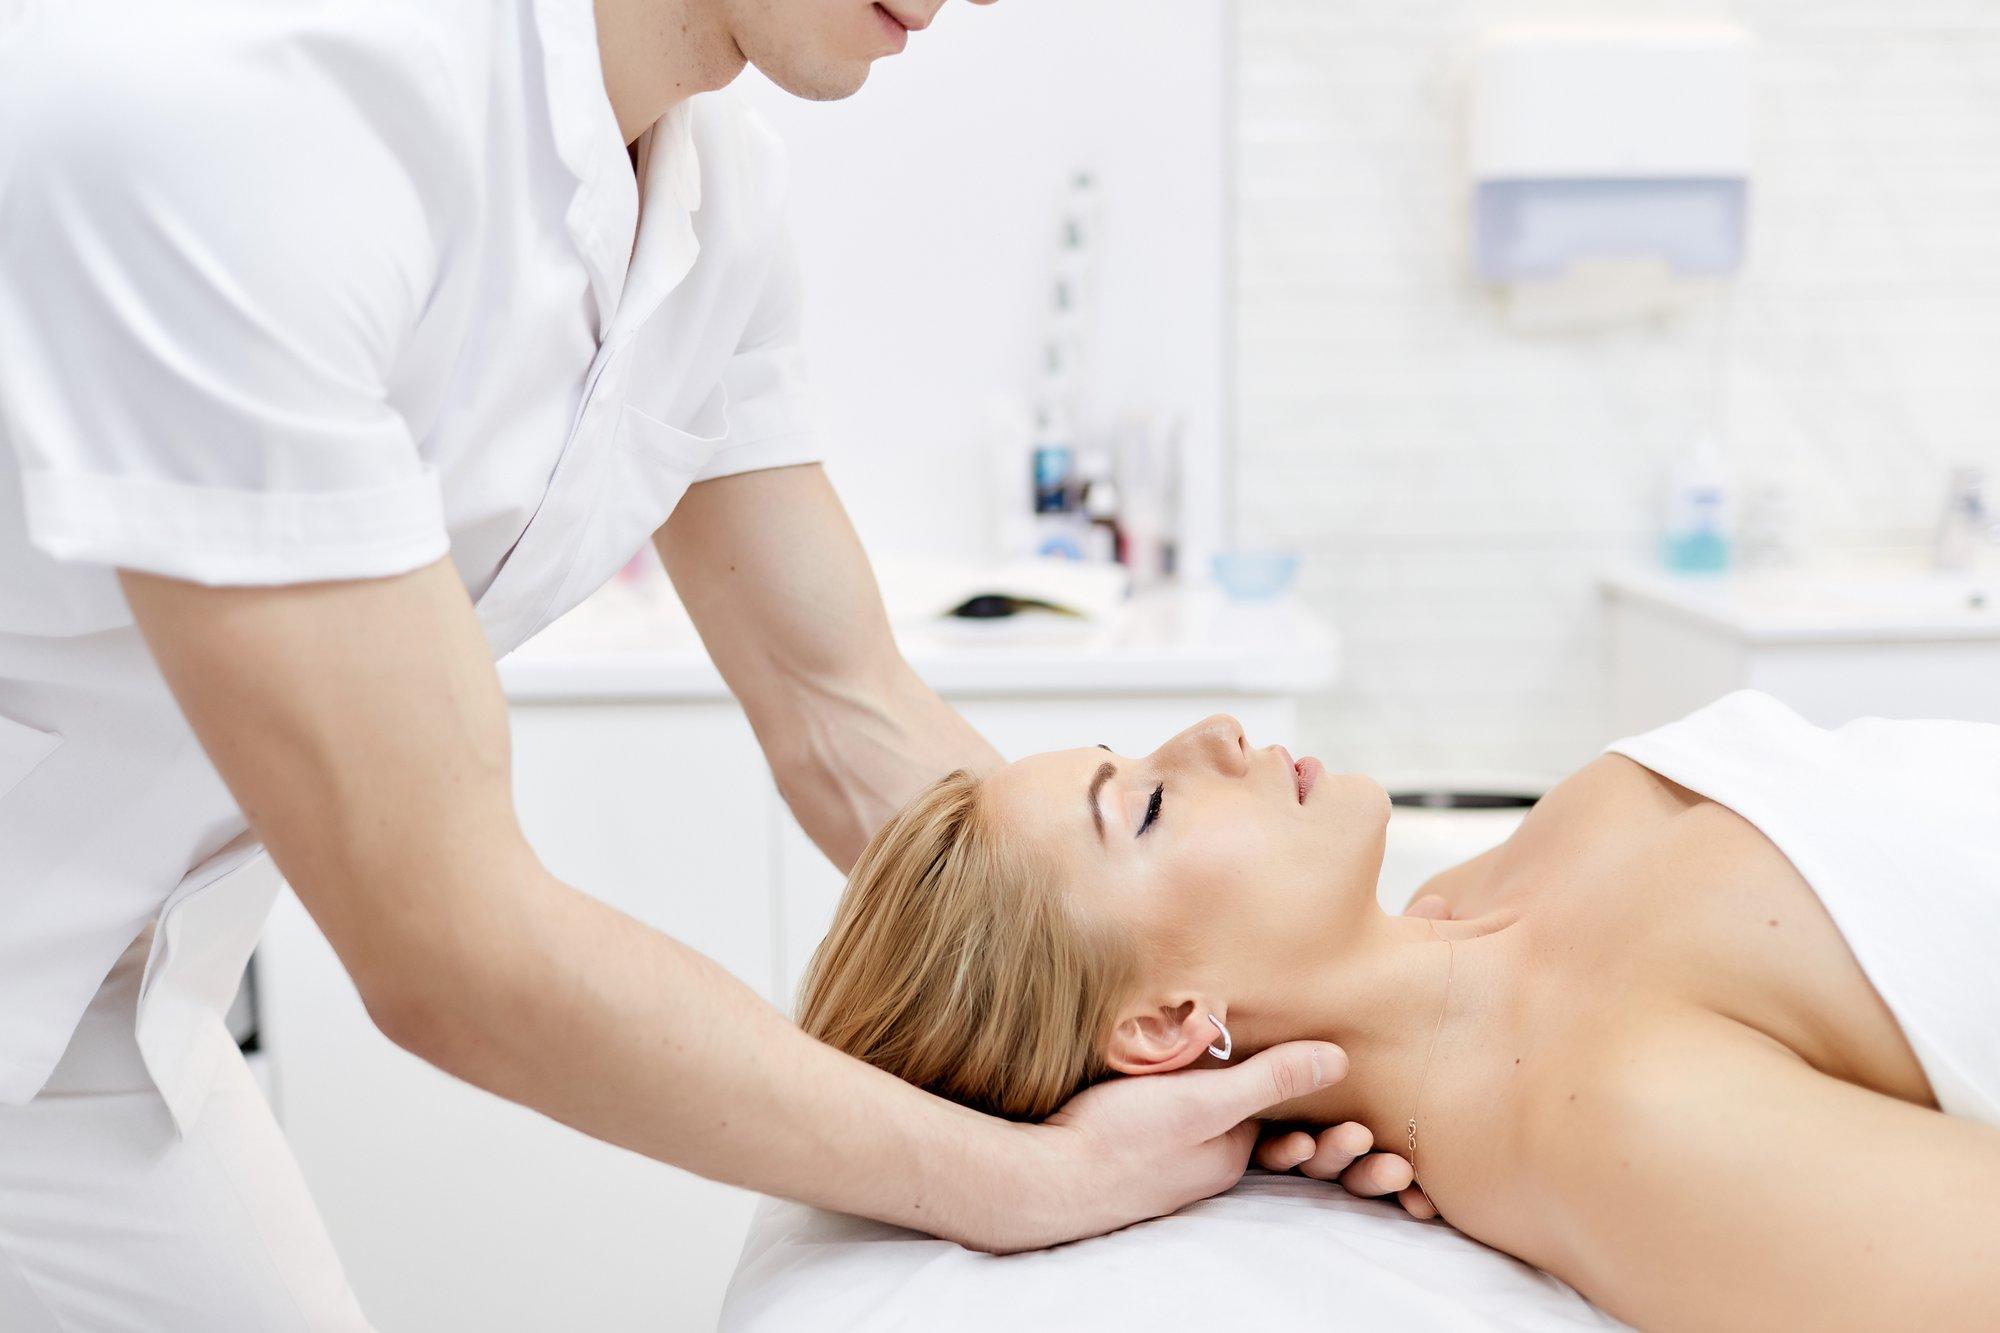 Остеопатия, что это такое что лечит? врач остеопат кто это и что делает? | рецепты здоровья